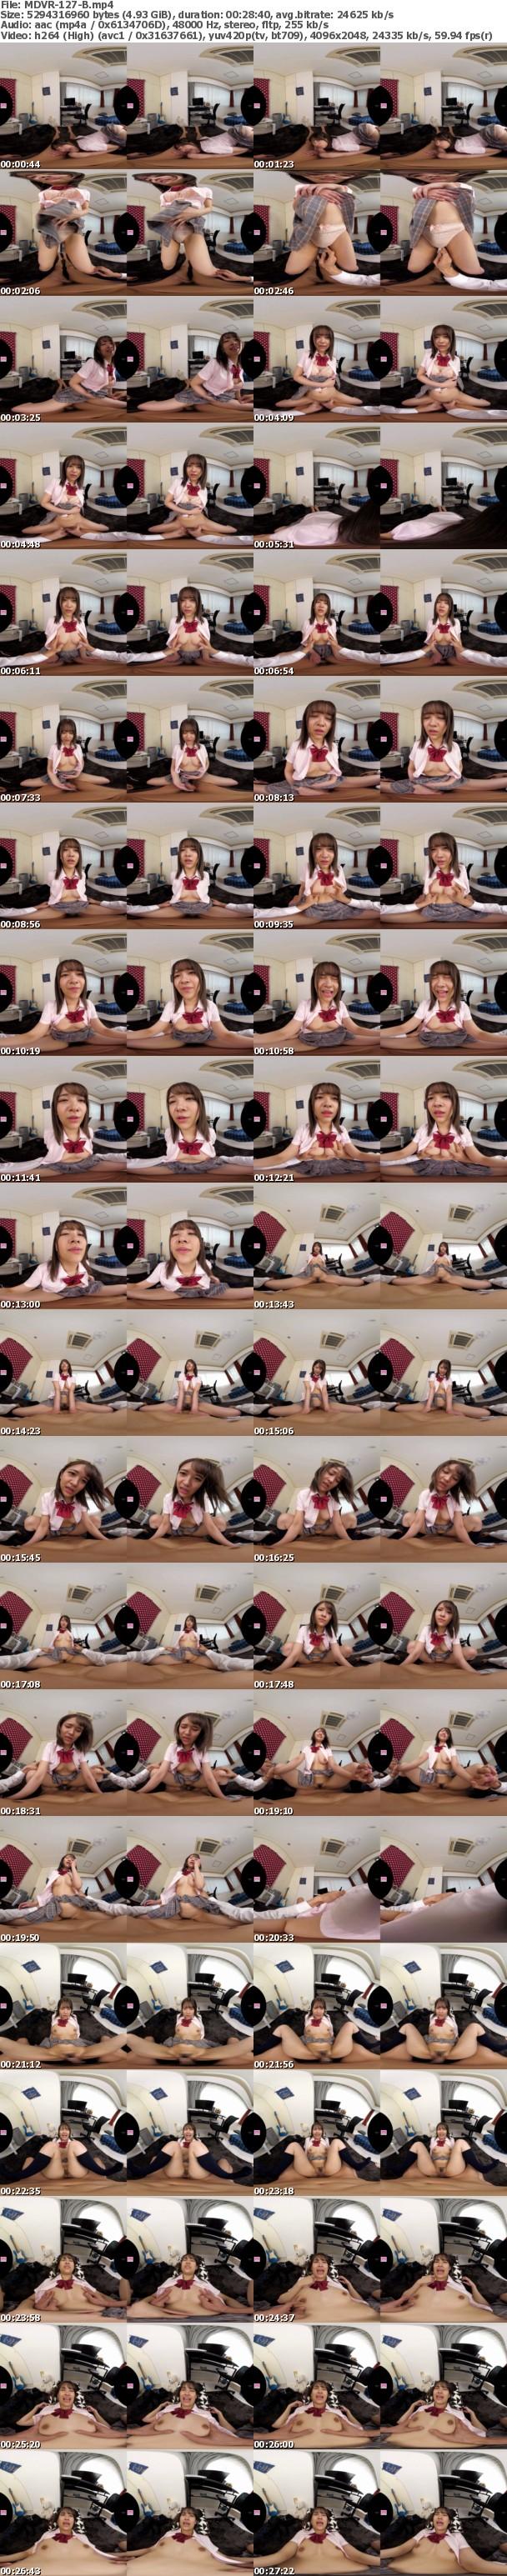 (VR) MDVR-127 南乃そらの制服!パンチラ!!全力誘惑!!! 「キミに初めていっぱいあげちゃう!」幼なじみとの胸キュンイチャラブVR!!